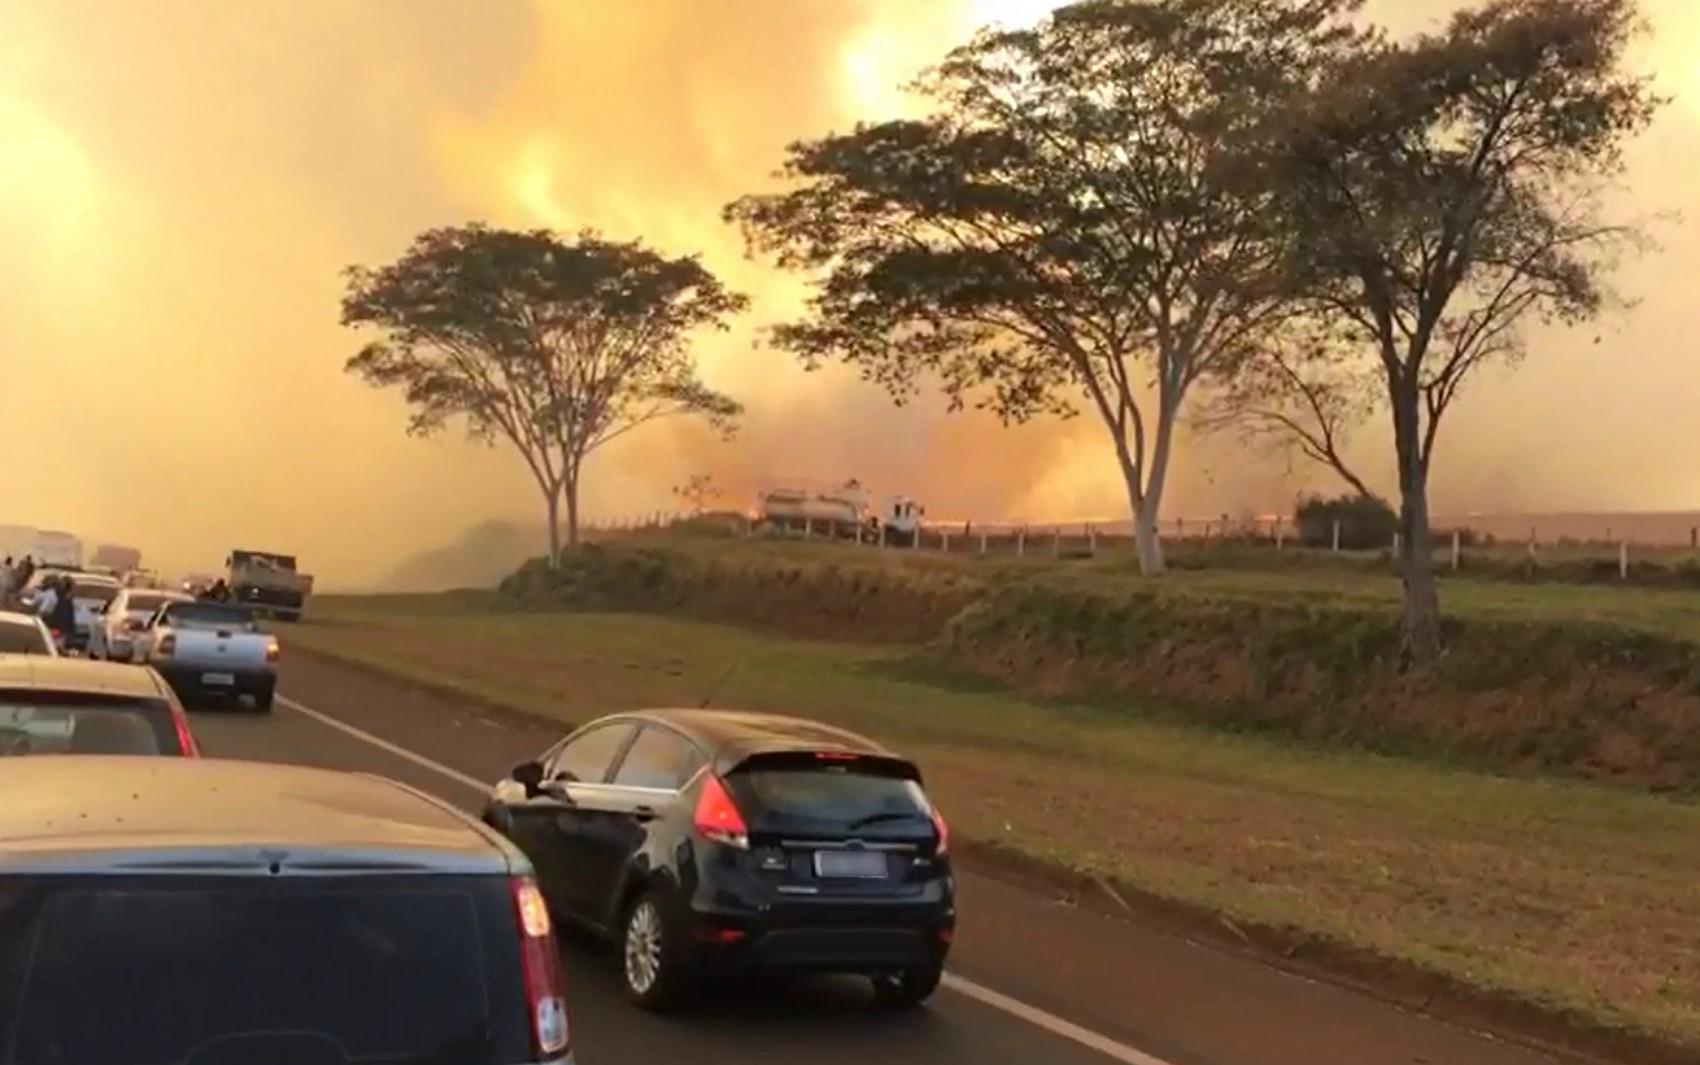 Com início da estiagem, Estado pede ajuda a produtores rurais após recorde de queimadas em 2017